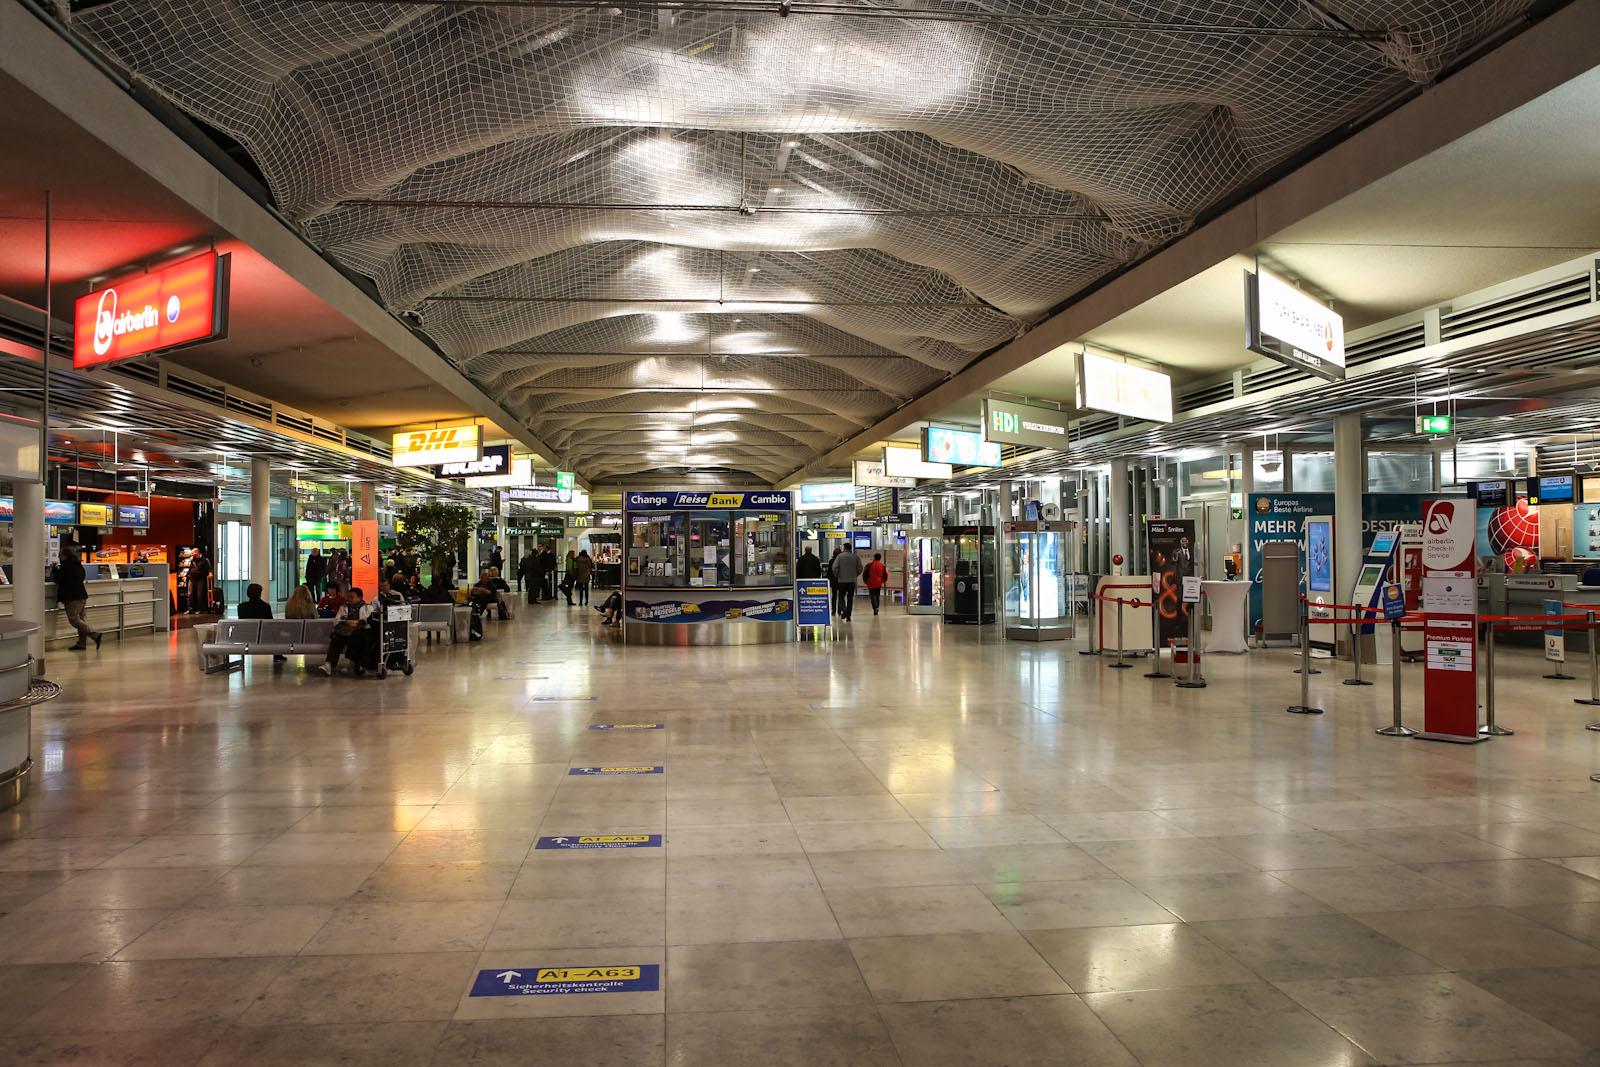 В аэровокзале аэропорта Нюрнберг